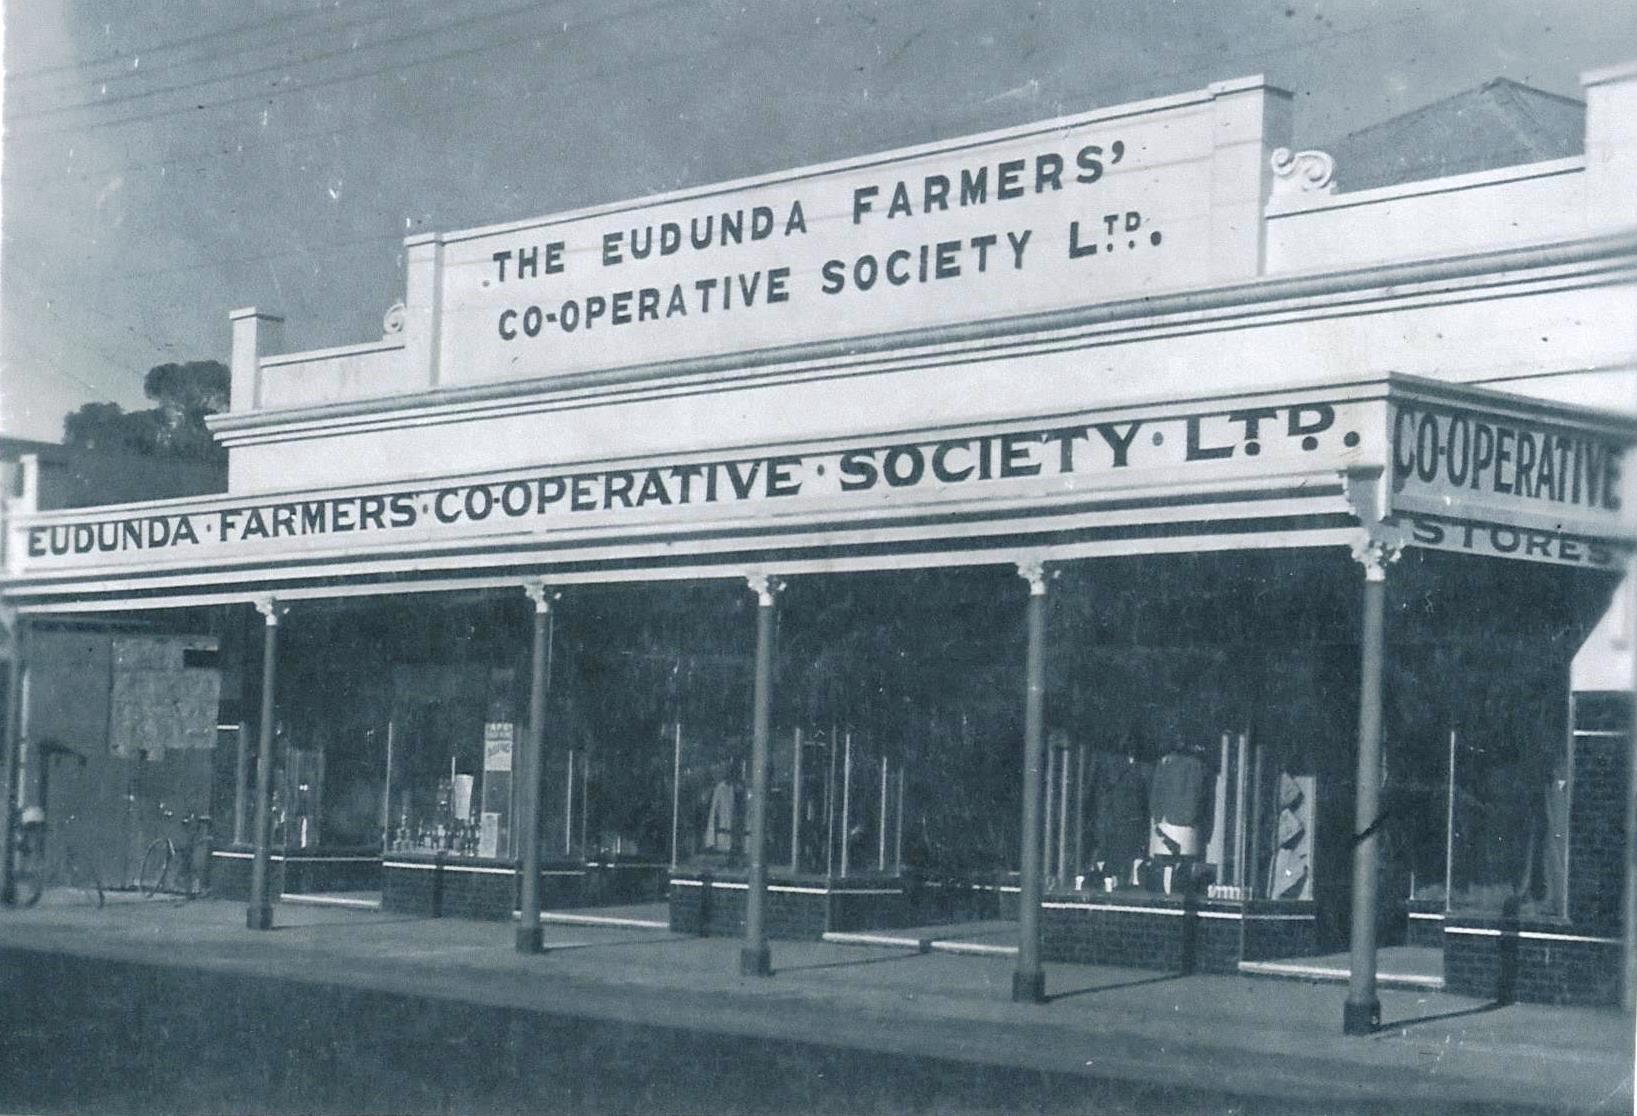 Eudunda Farmers' Co-operative Society